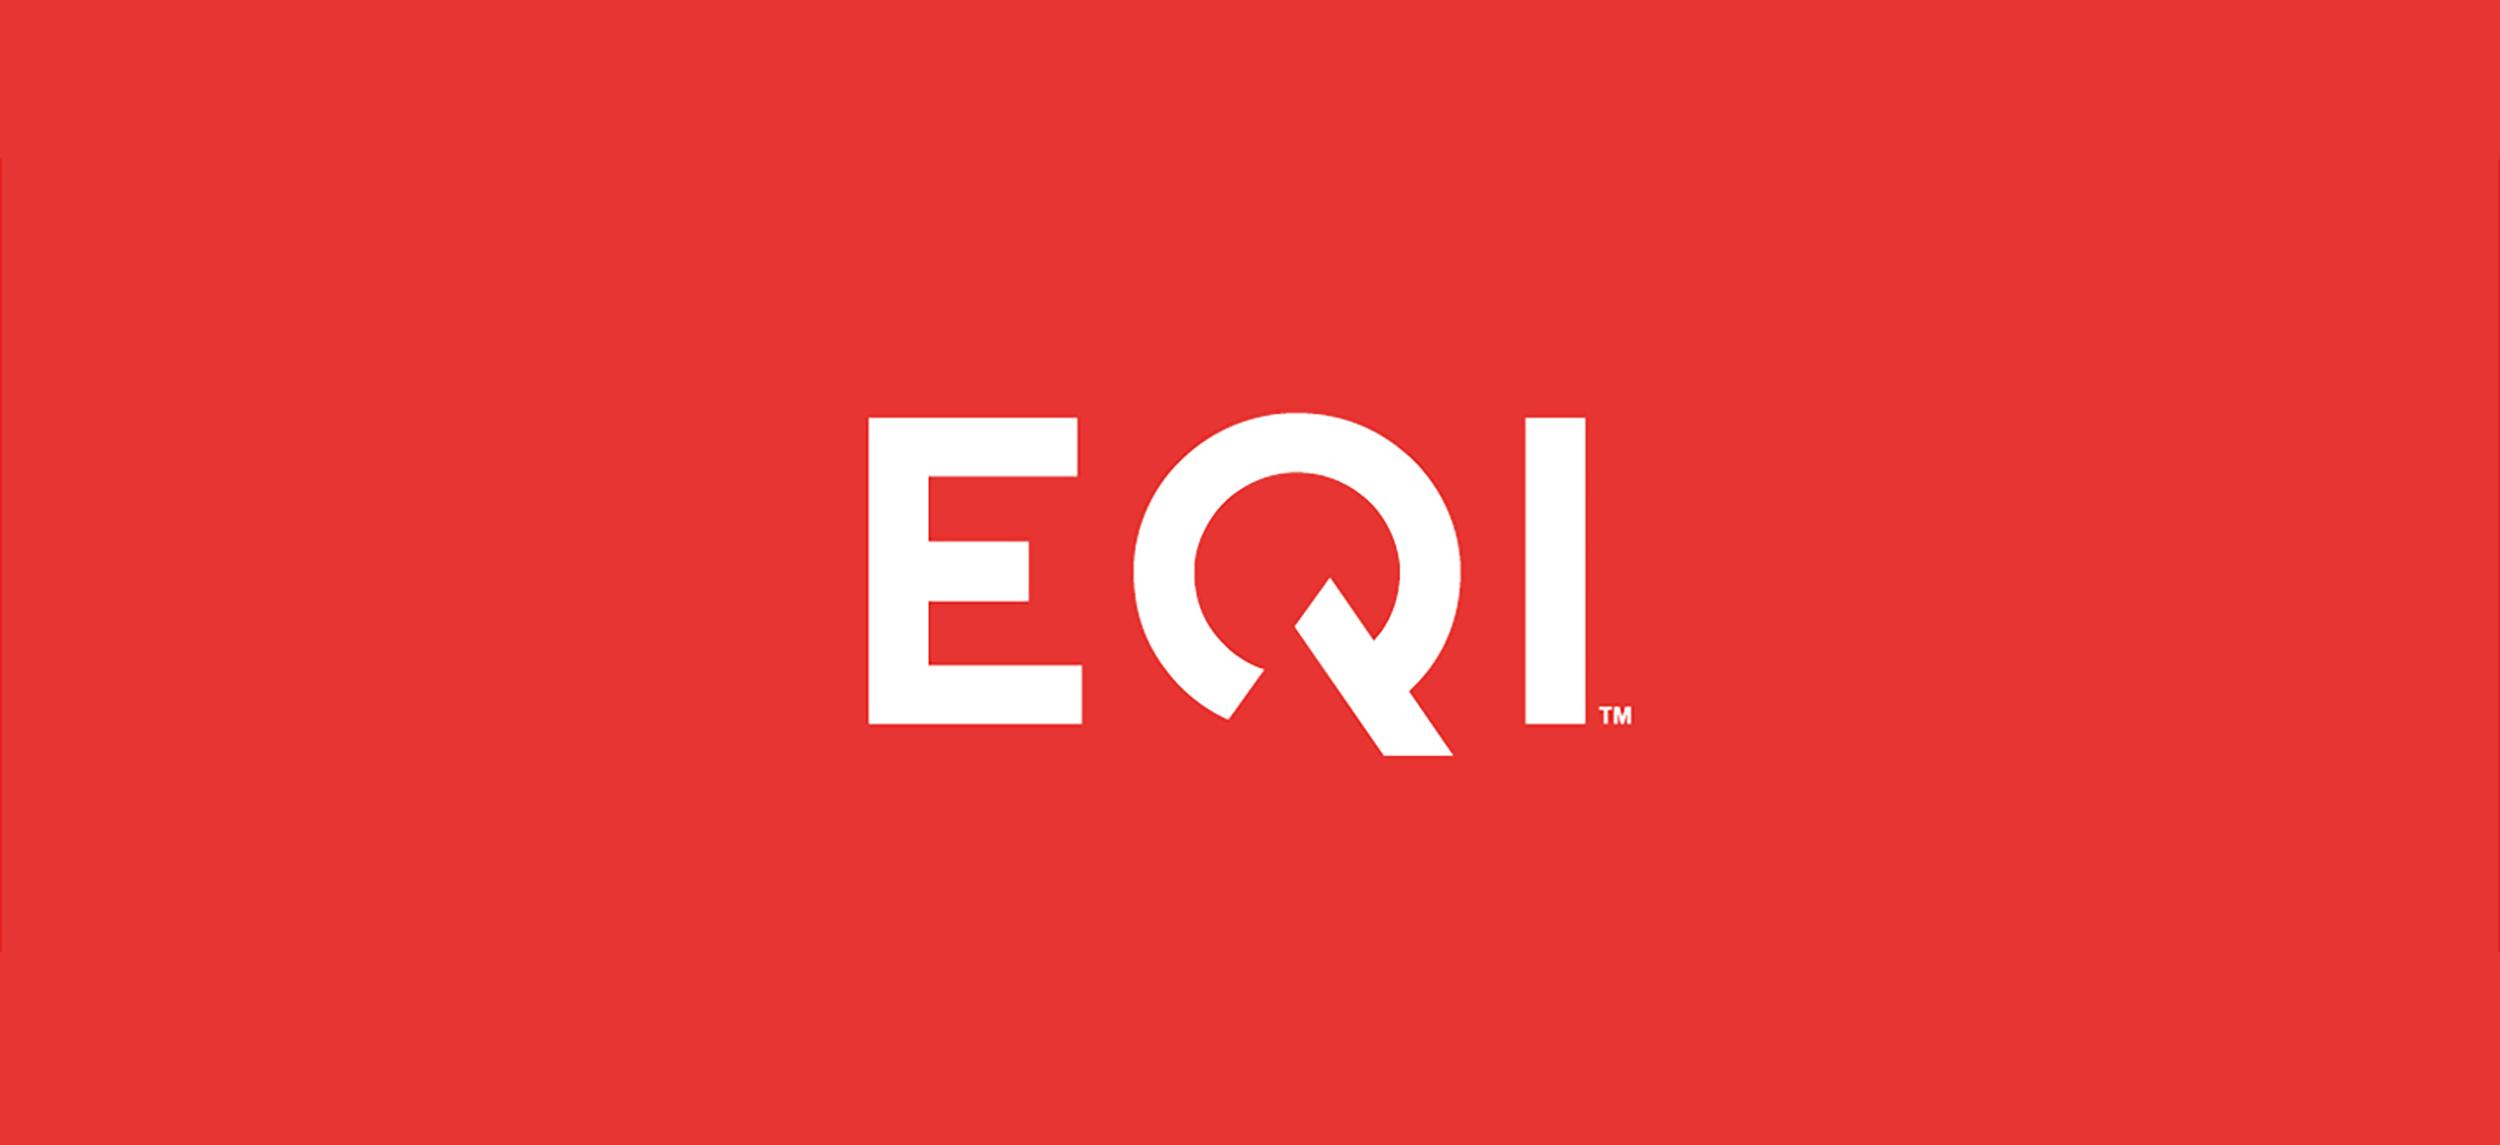 EQI_1.jpg